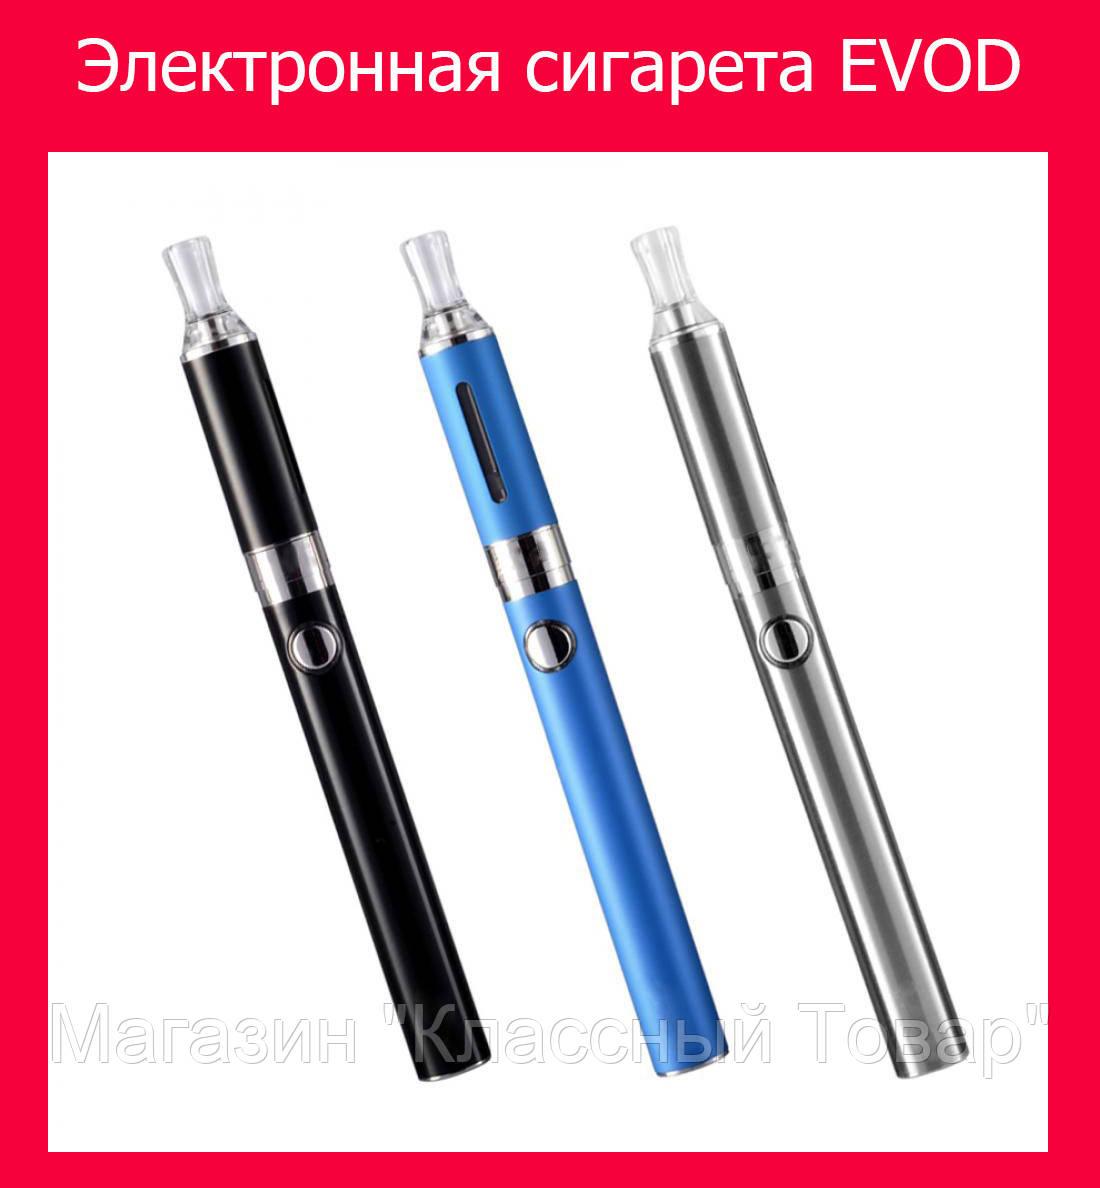 Электронная сигарета EVOD! Лучший подарок